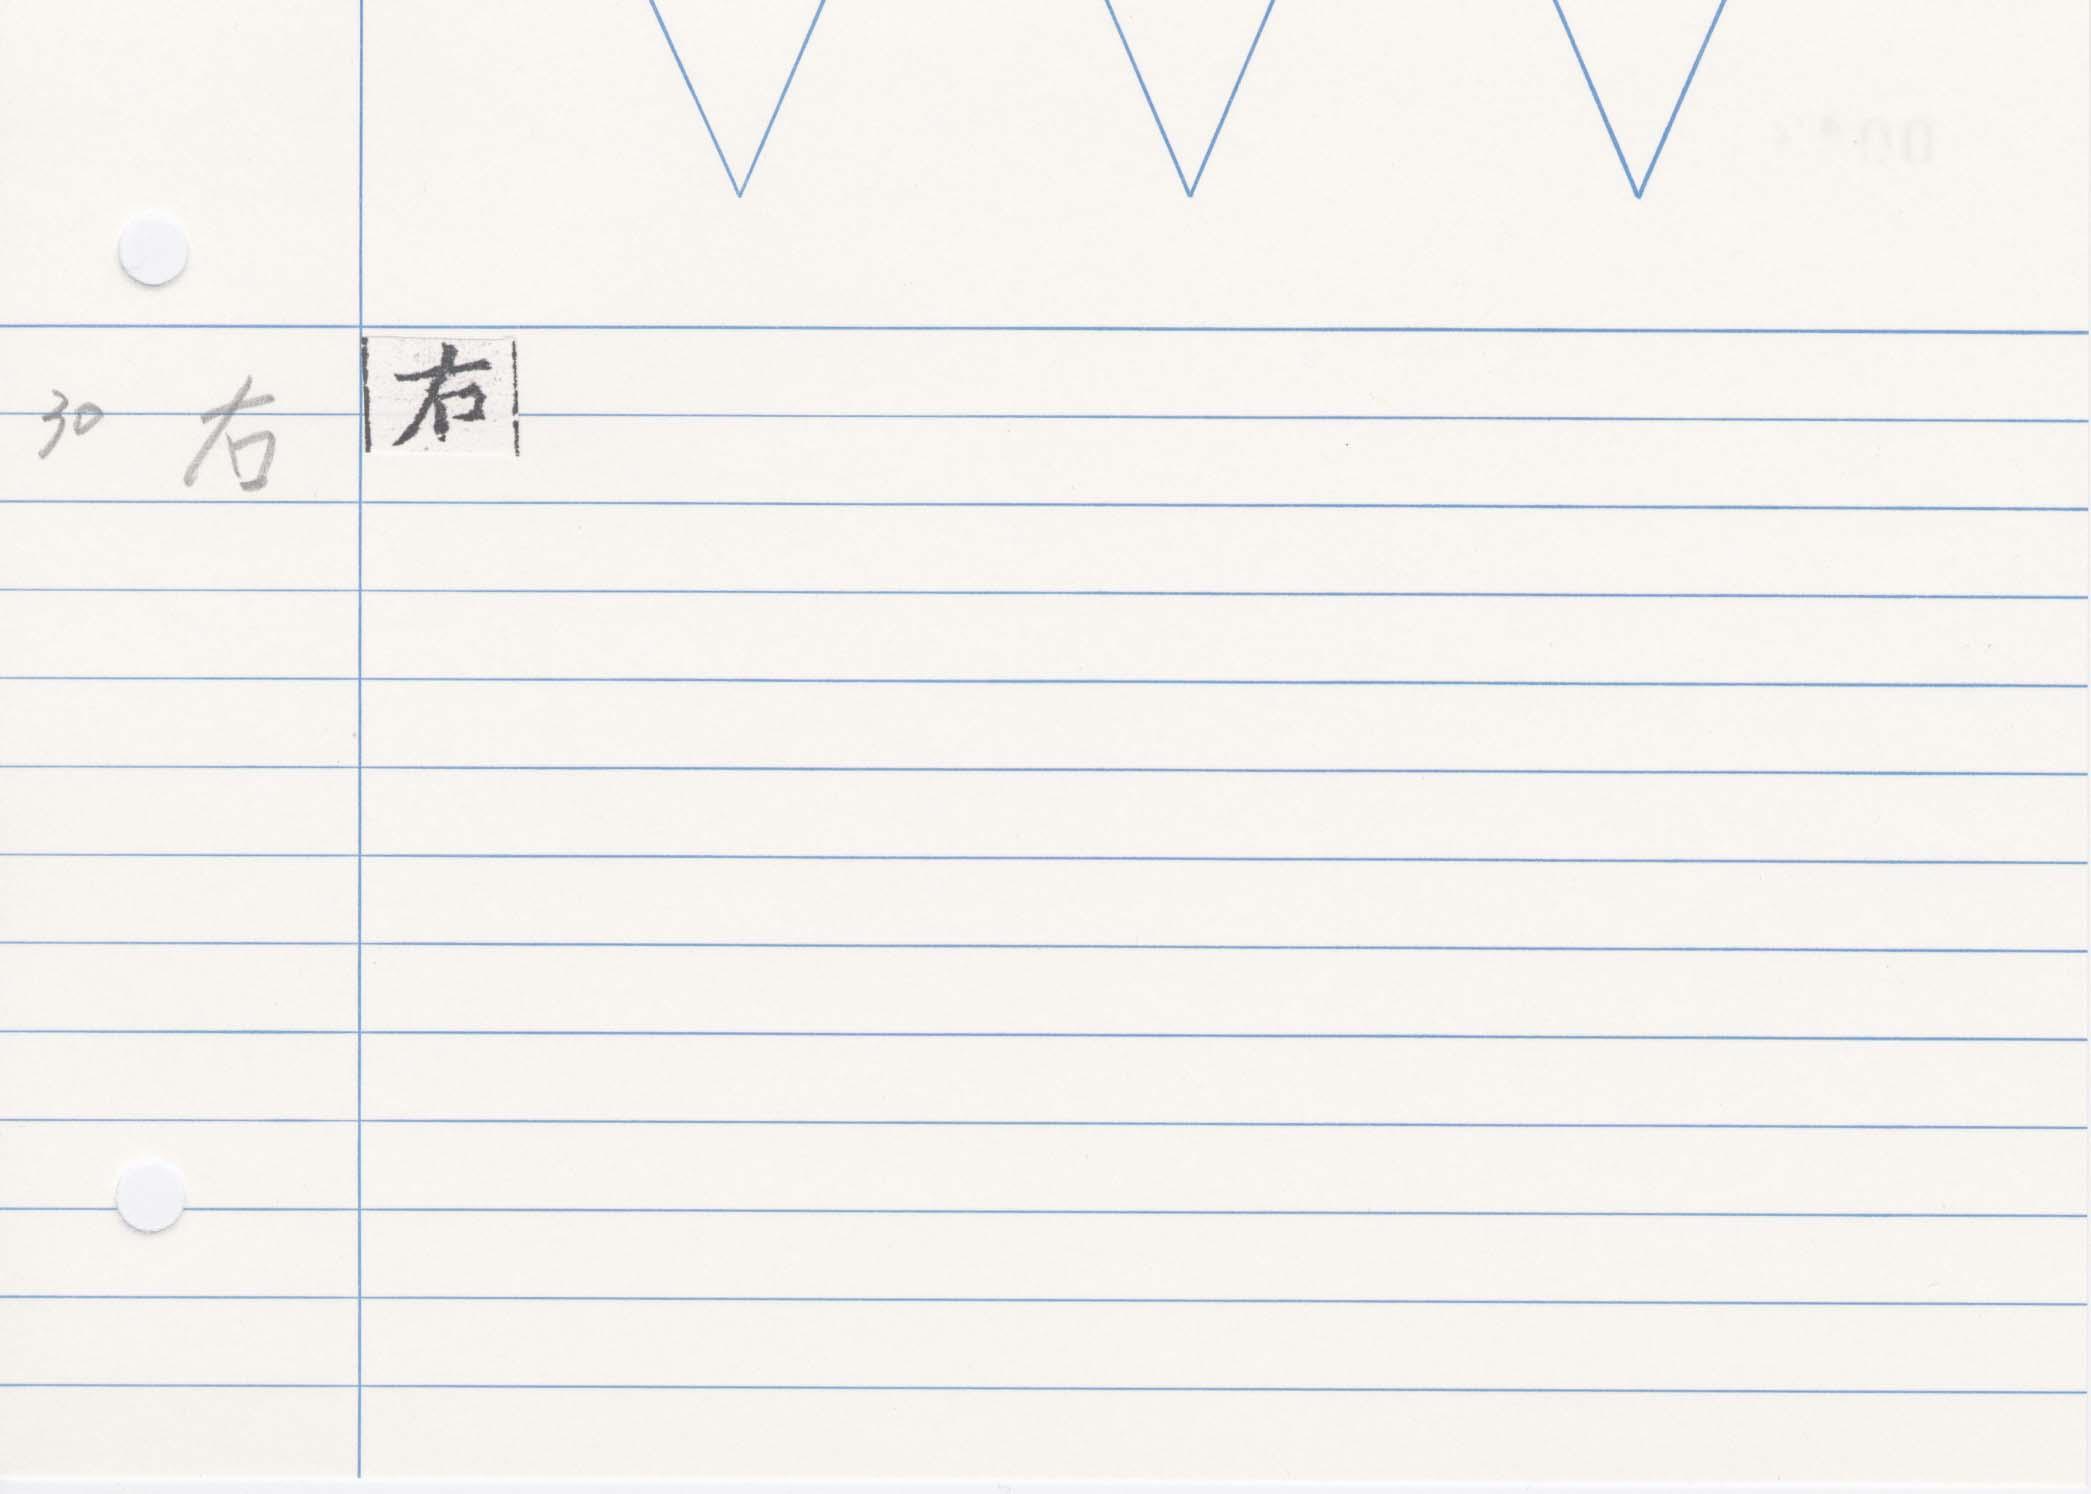 26_齊民要術卷五(高山寺本)/cards/0043.jpg